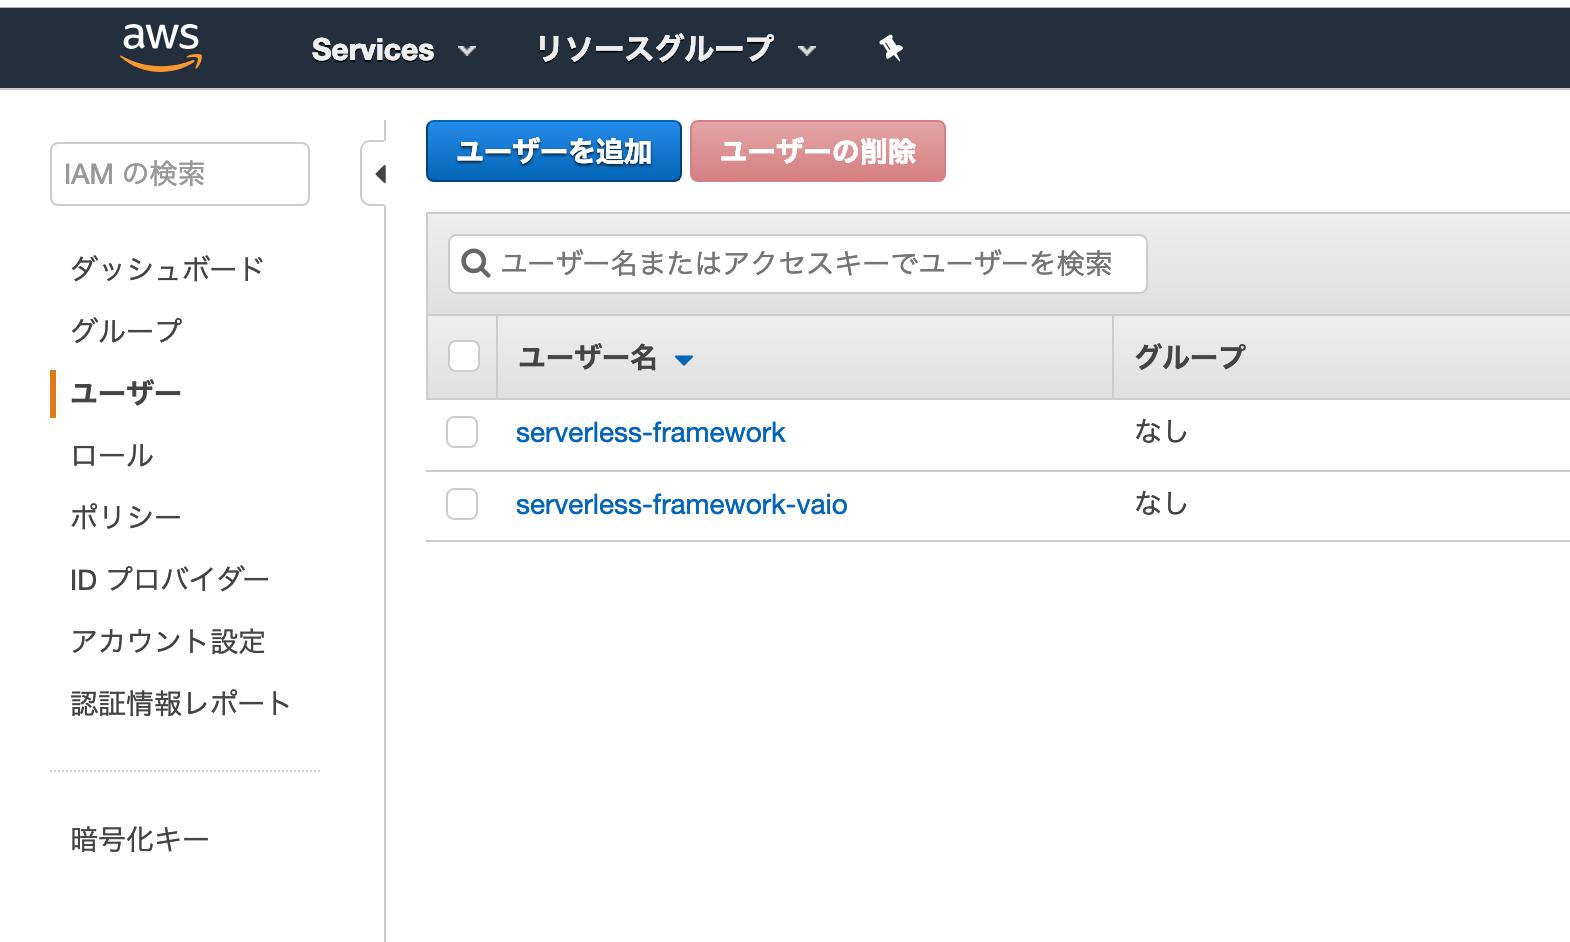 【Serverless Framework】nodejsで始めるサーバーレスチュートリアル